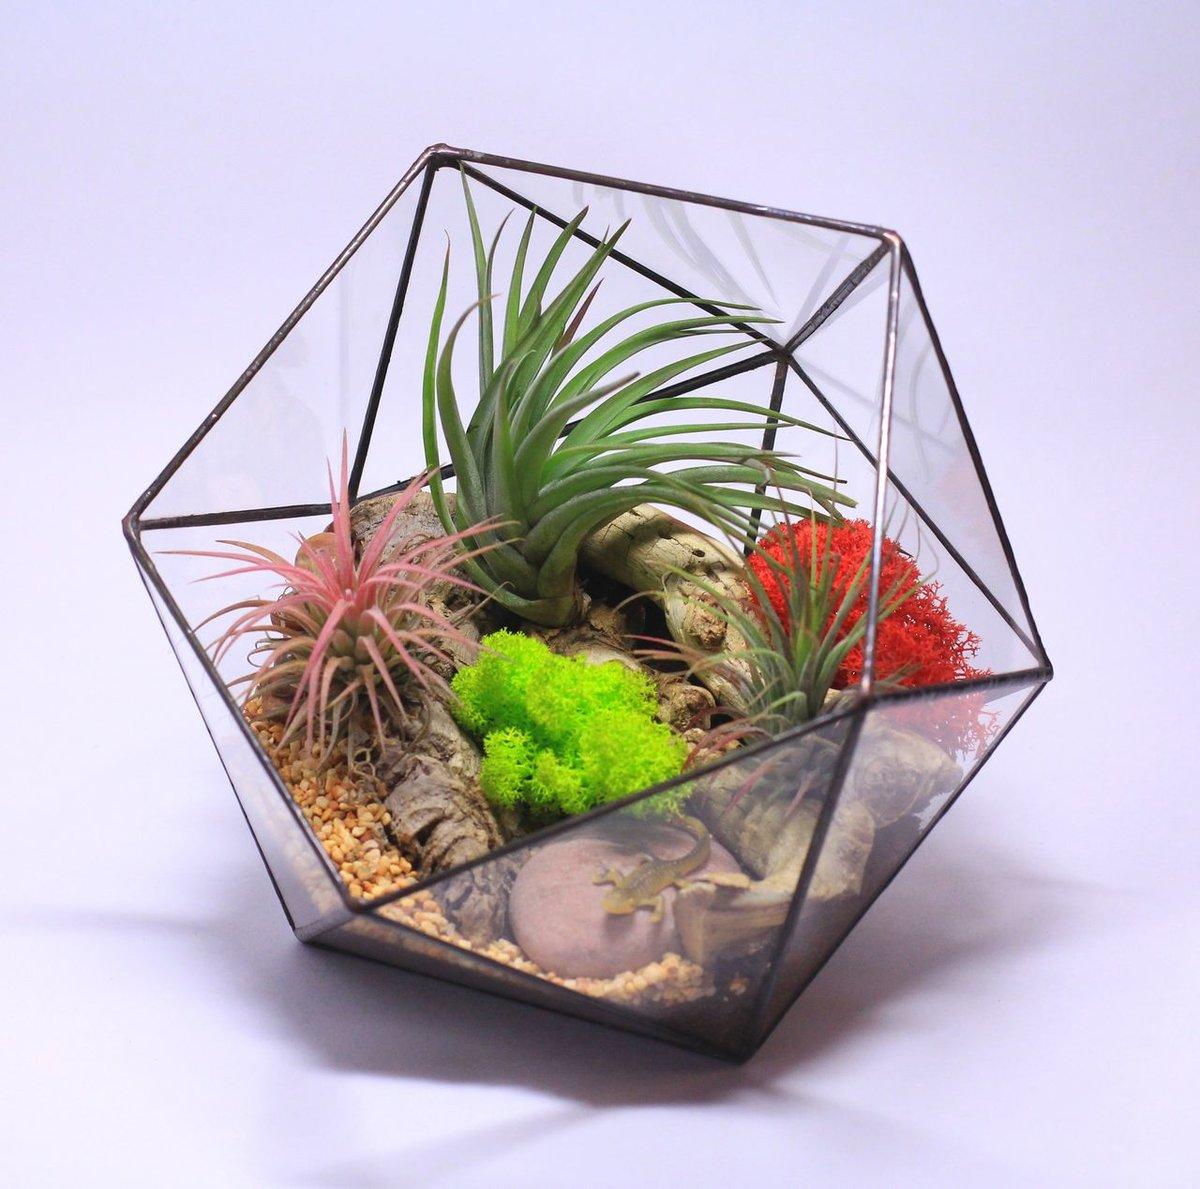 Геометрический флорариум своими руками пошаговая инструкция